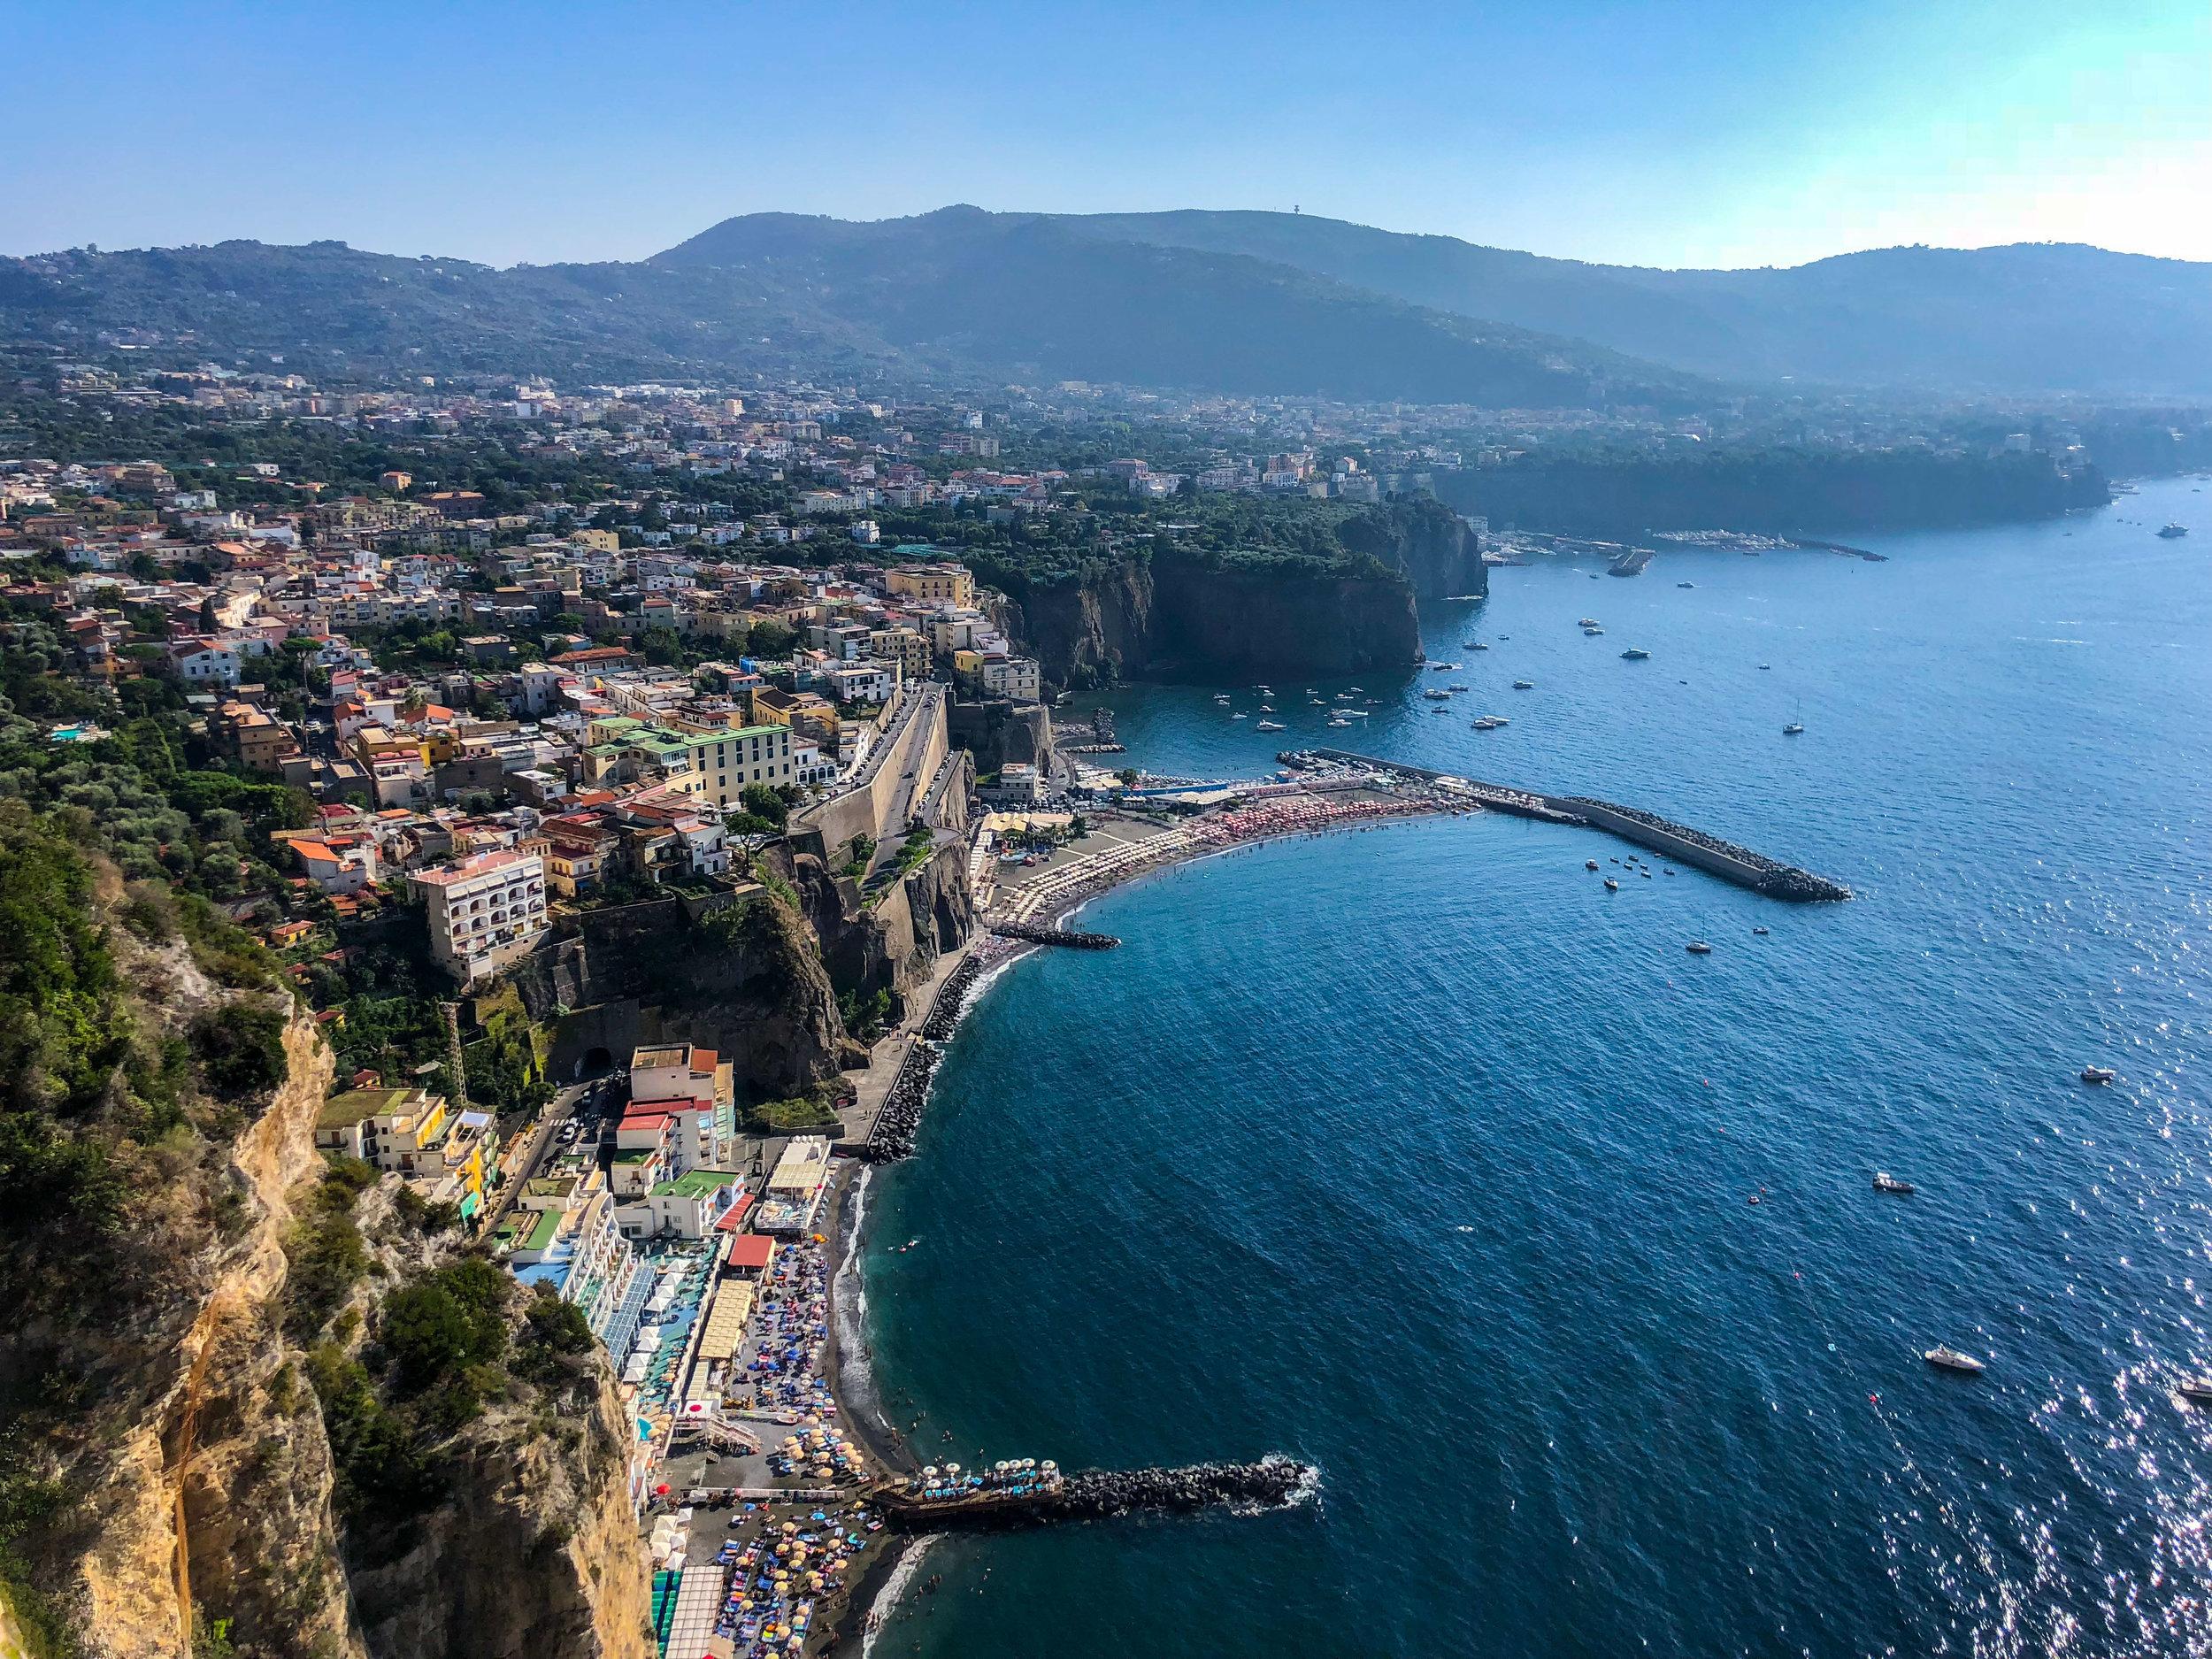 View of Sorrento coastline